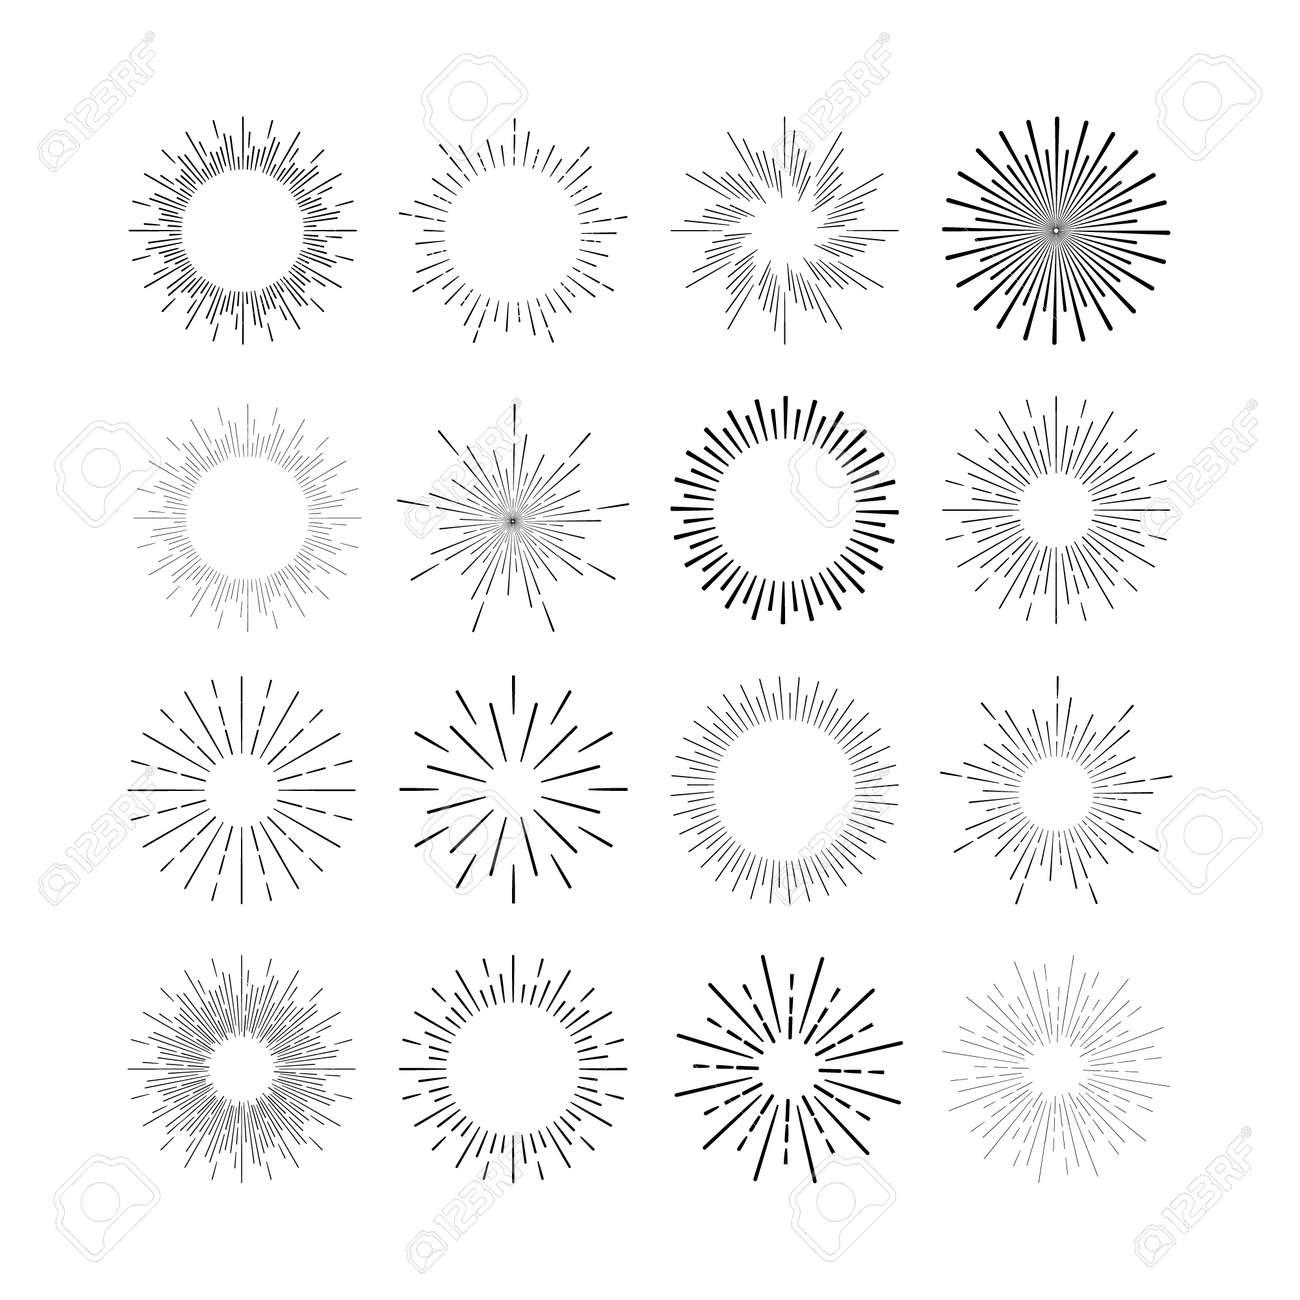 Set of vintage linear sunbursts. Vector illustration - 39711379